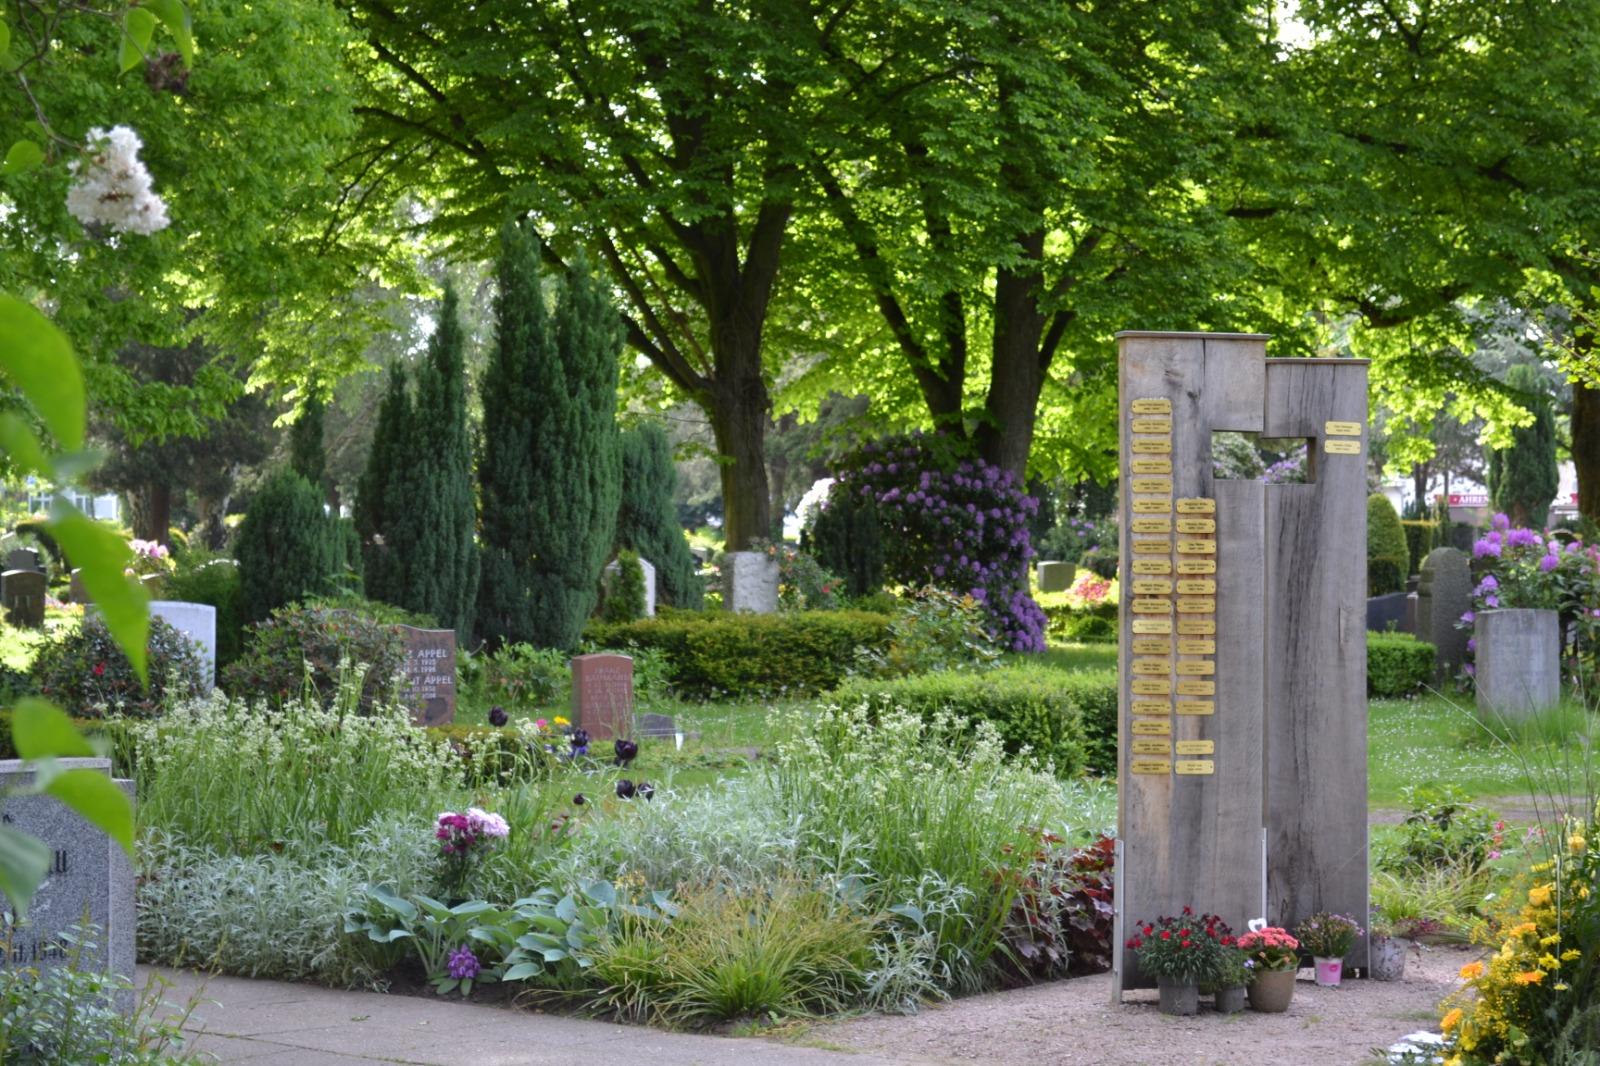 Lavendelfeld für Urnenbeisetzungen mit Namensnennung